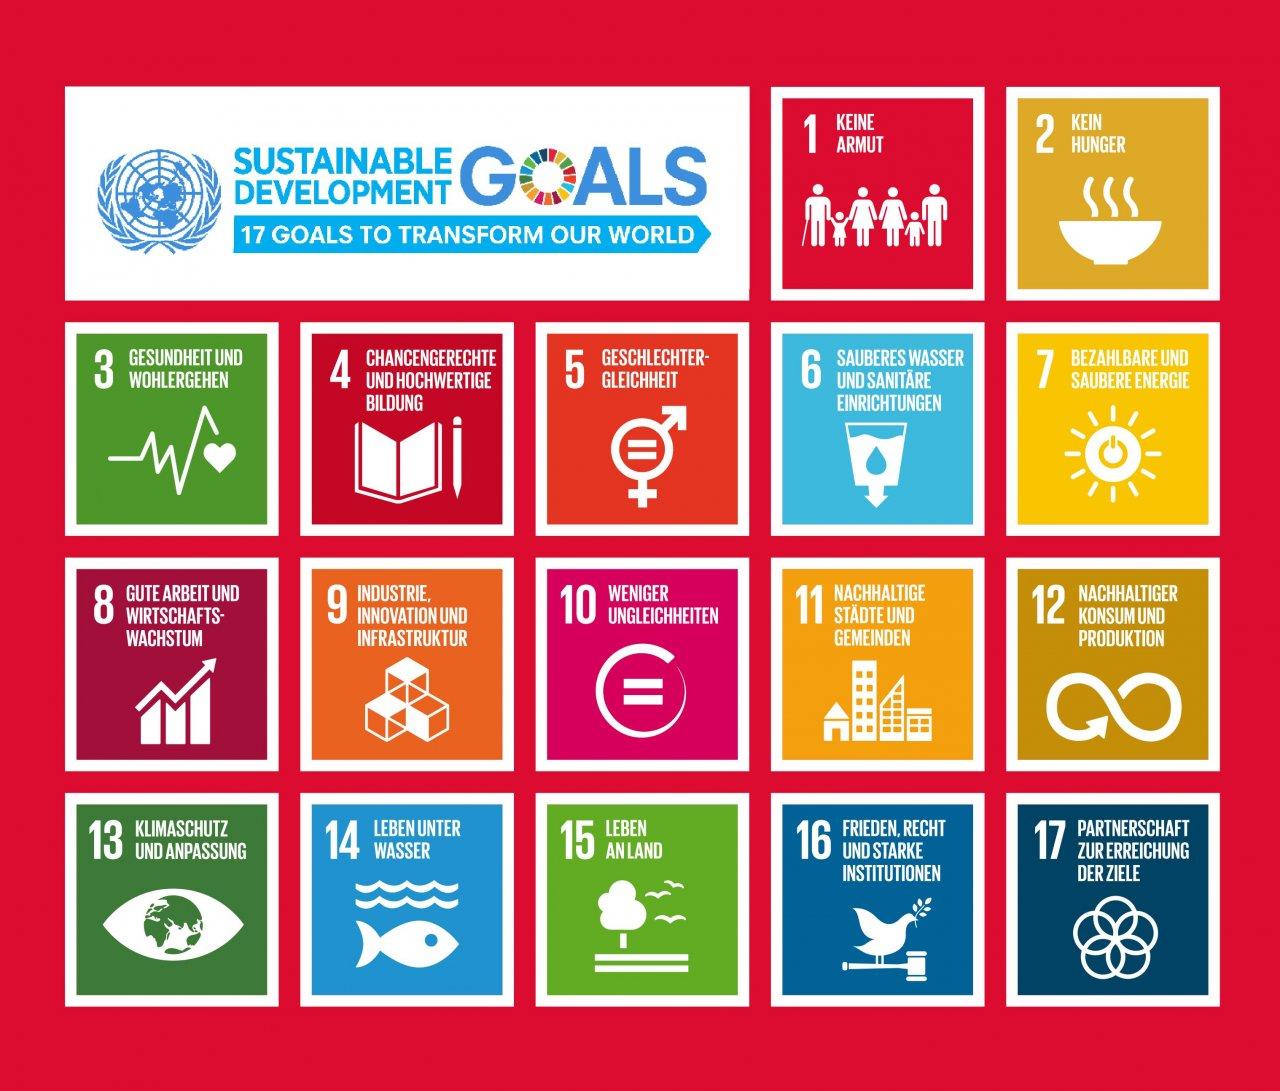 Nachhaltigkeit Unternehmen SDGs